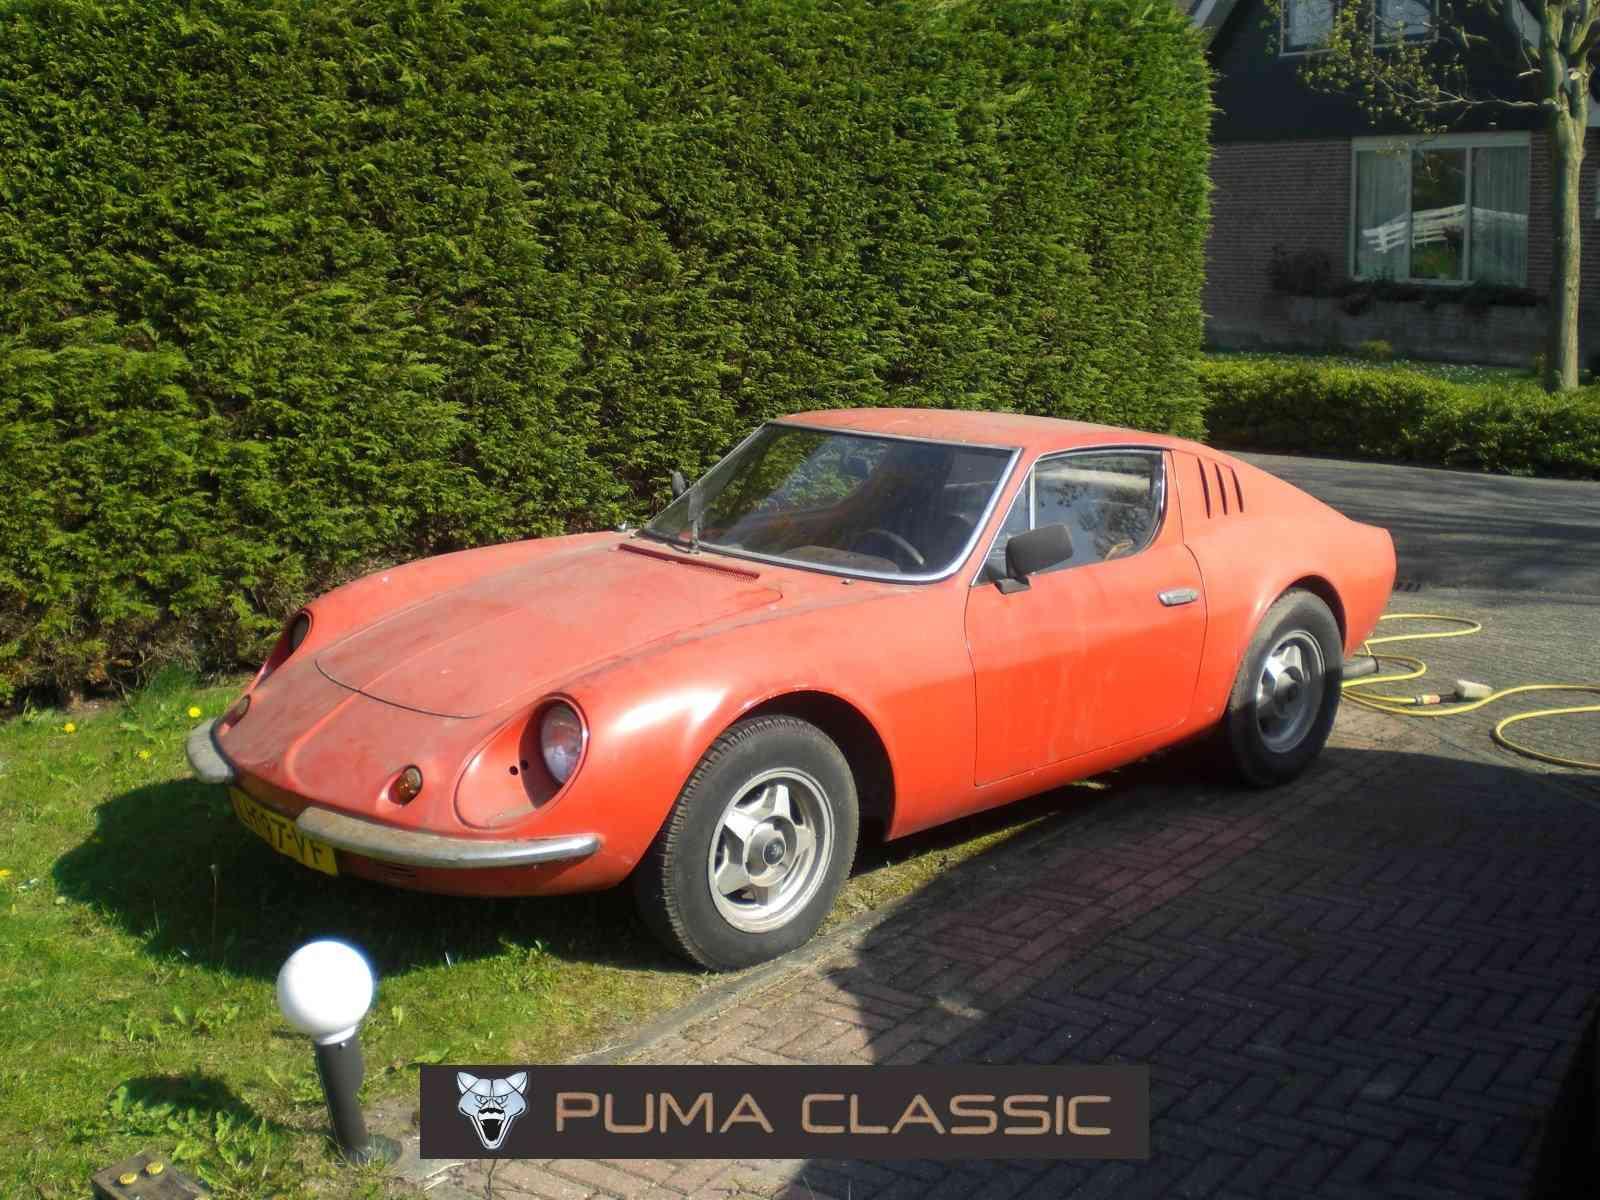 0a0eed05e2d Puma Classic  Puma pelo mundo - GTE 1971 Holanda